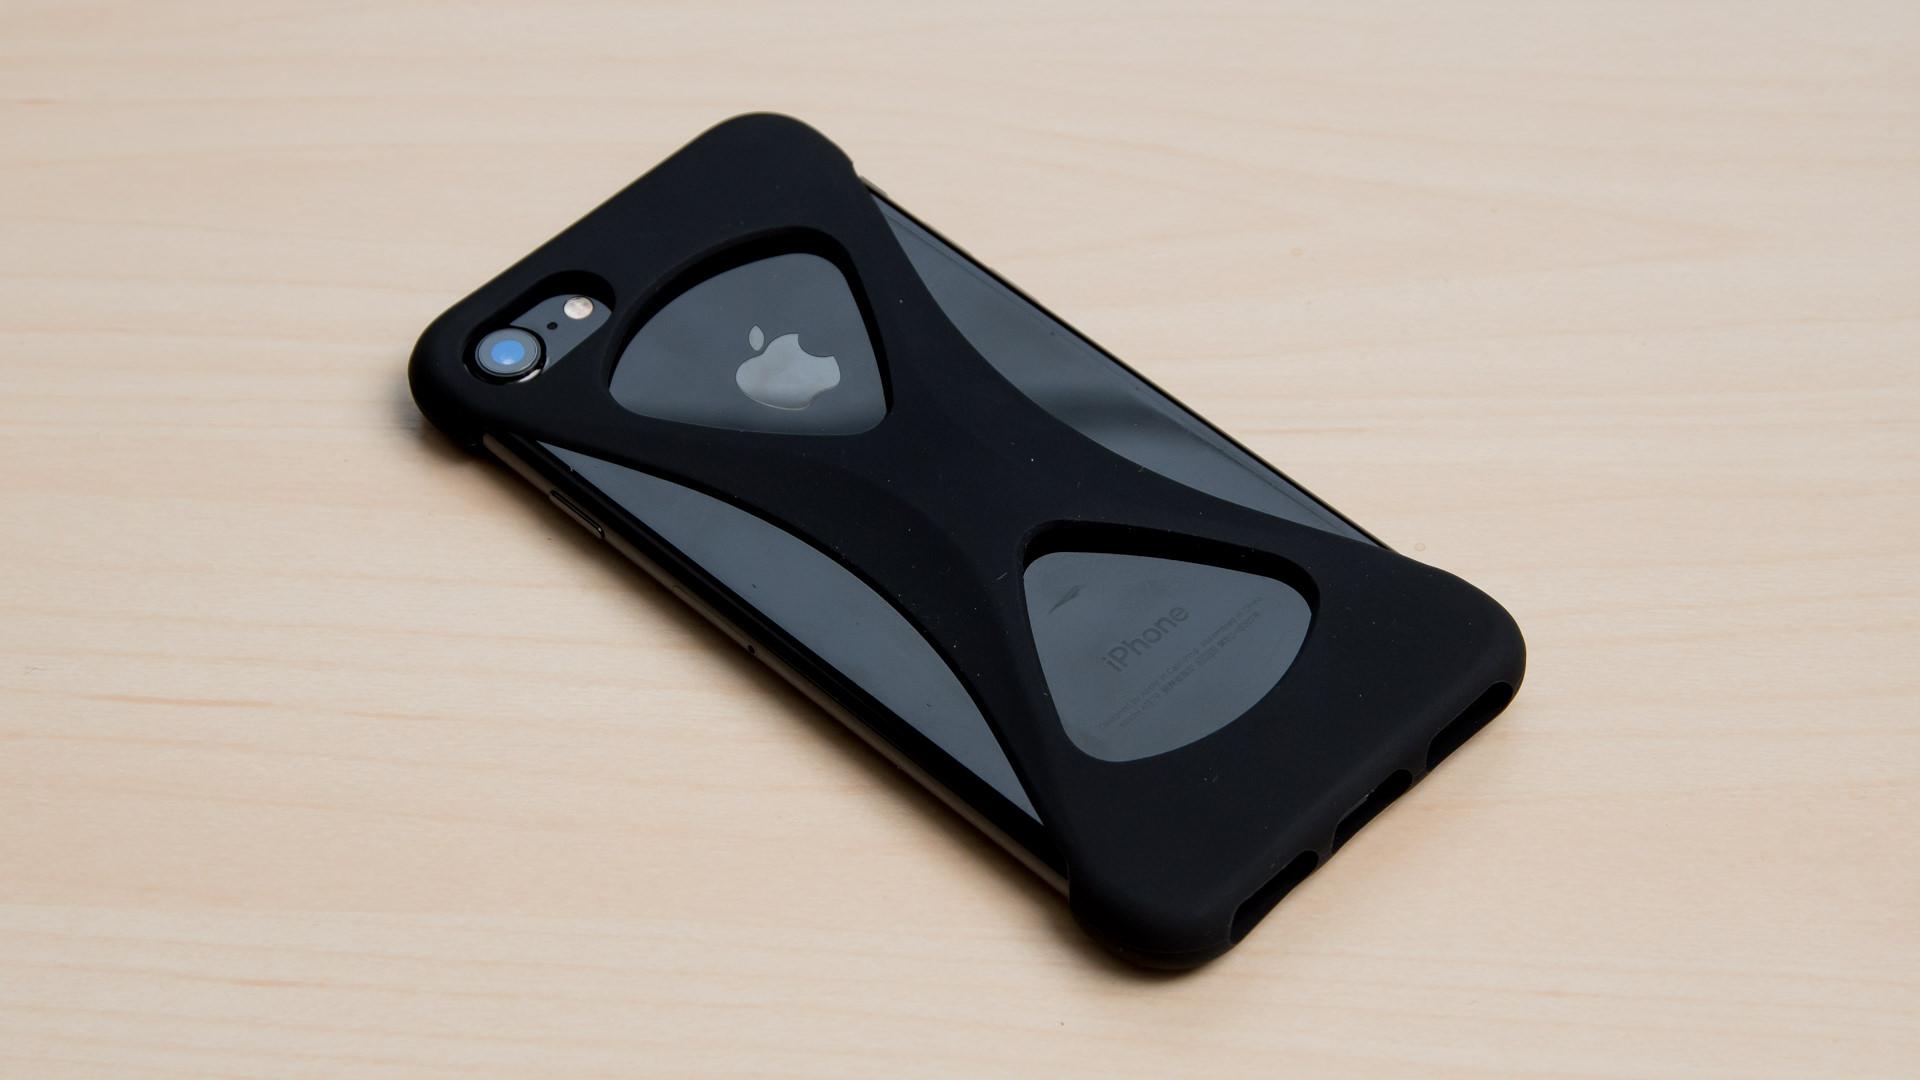 デザイン性と耐衝撃性を併せもつ画期的なiPhoneケース「Palmo」レビュー